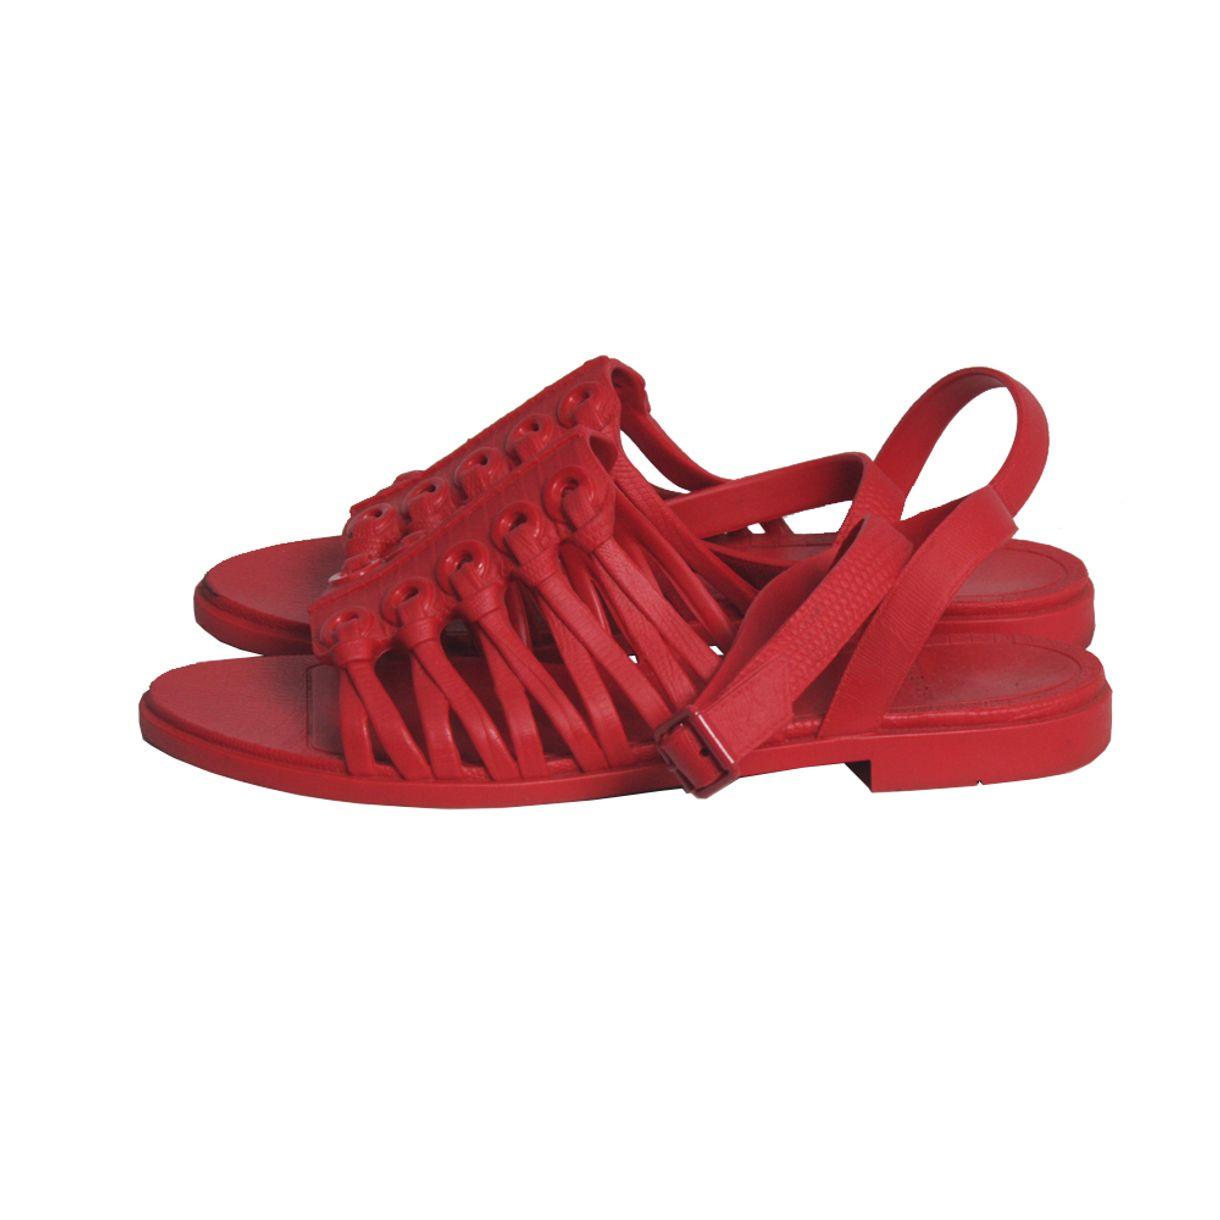 Jelly-Strap-Flat-Givenchy-Vermelha